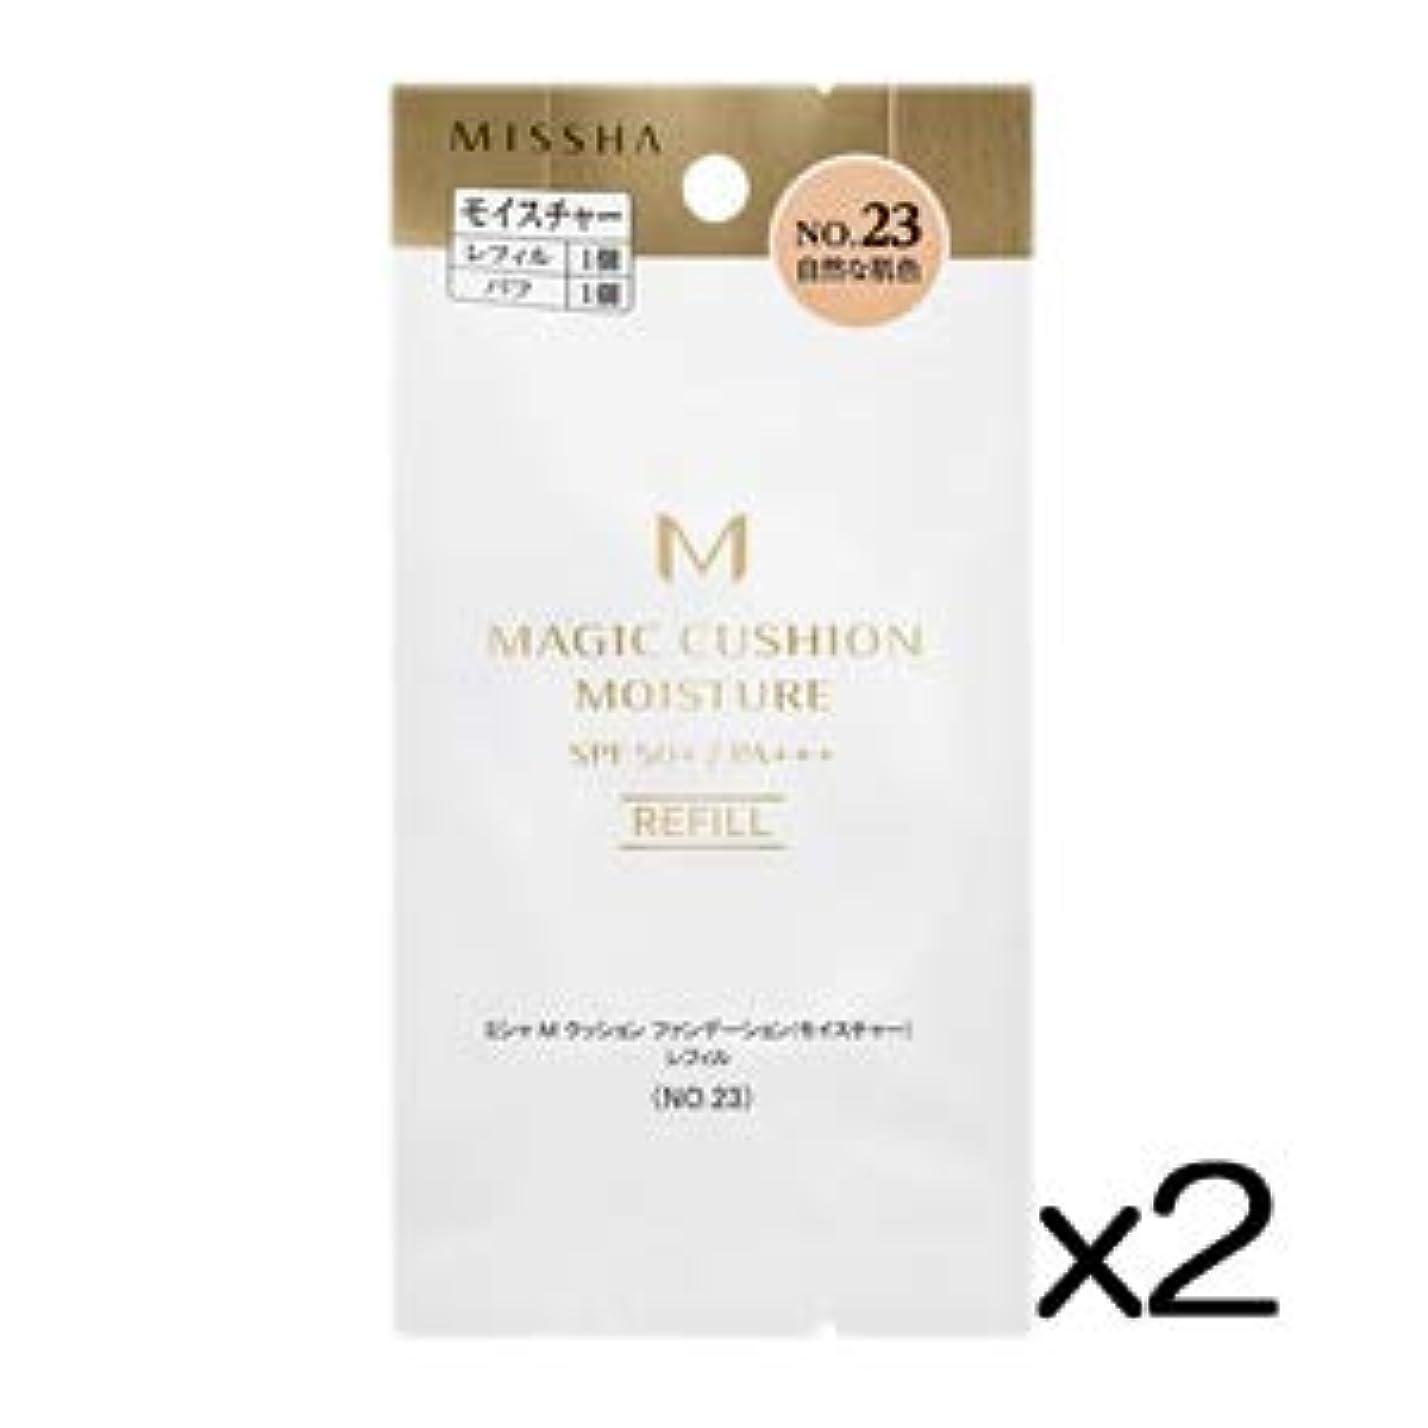 ひいきにするドライバ補うミシャ M クッション ファンデーション (モイスチャー) No.23 自然な肌色 レフィル 15g×2個セット